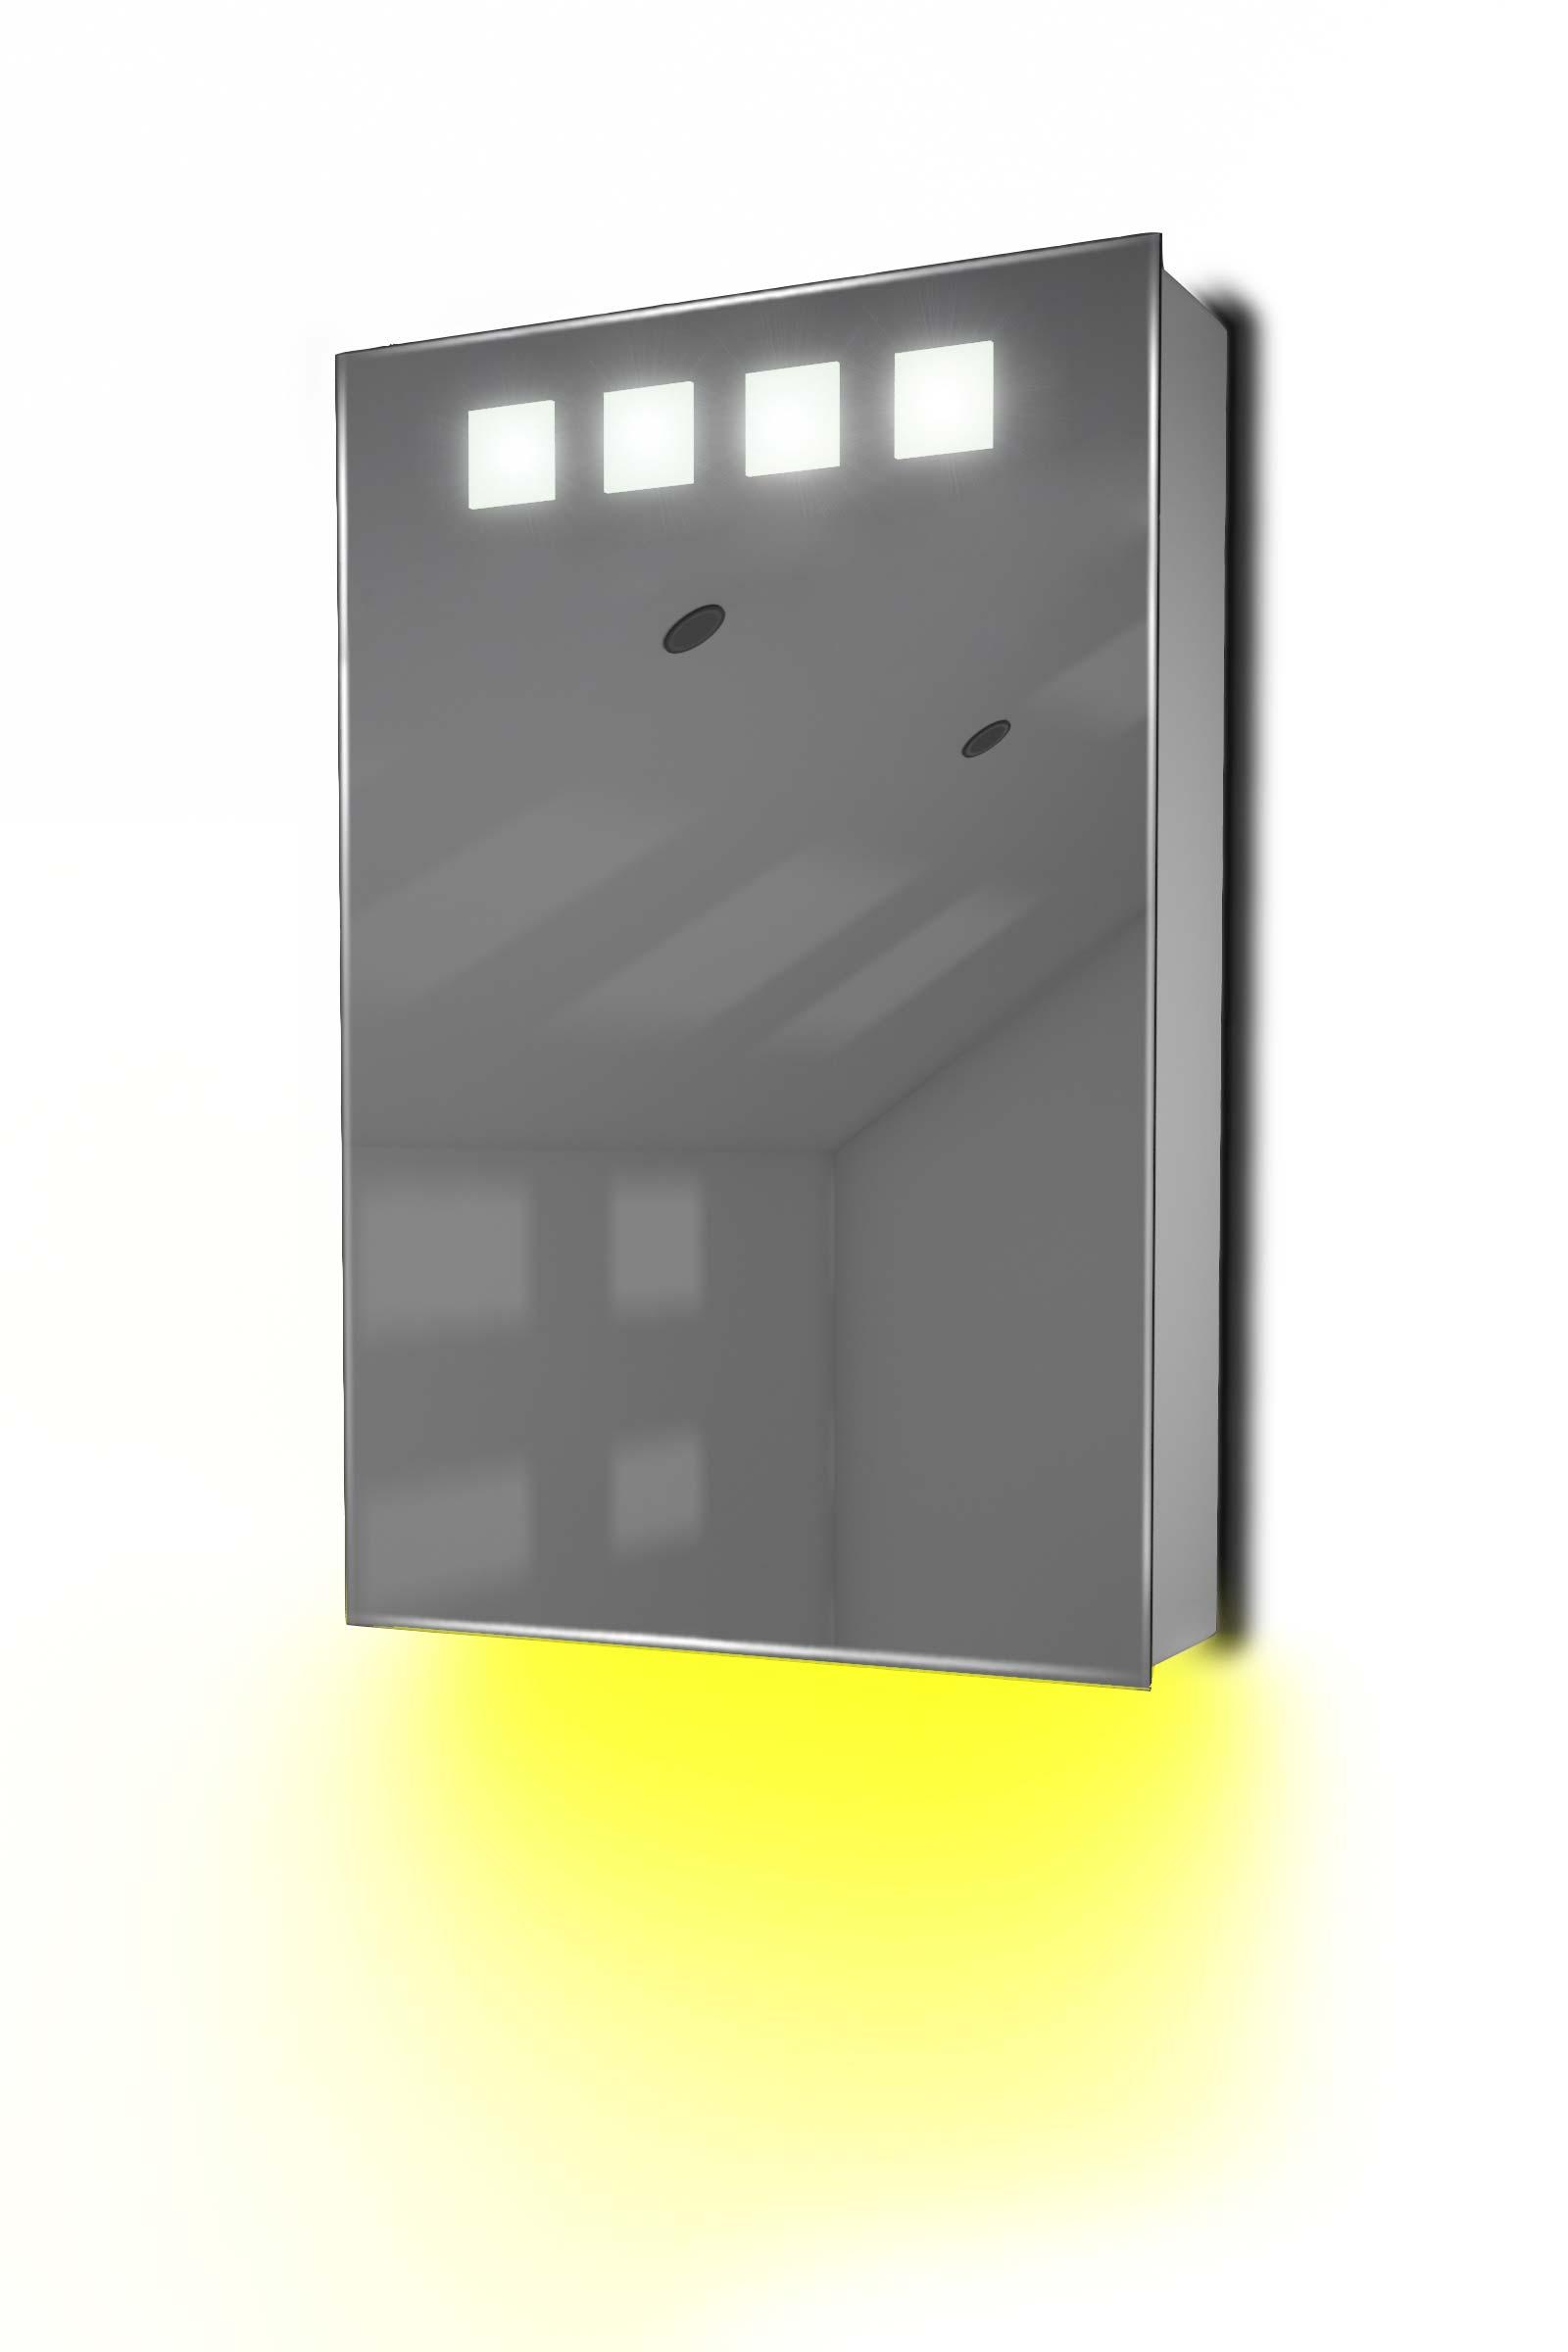 armoire de toilette avec capteur et prise rasoir int rieure k254y ebay. Black Bedroom Furniture Sets. Home Design Ideas